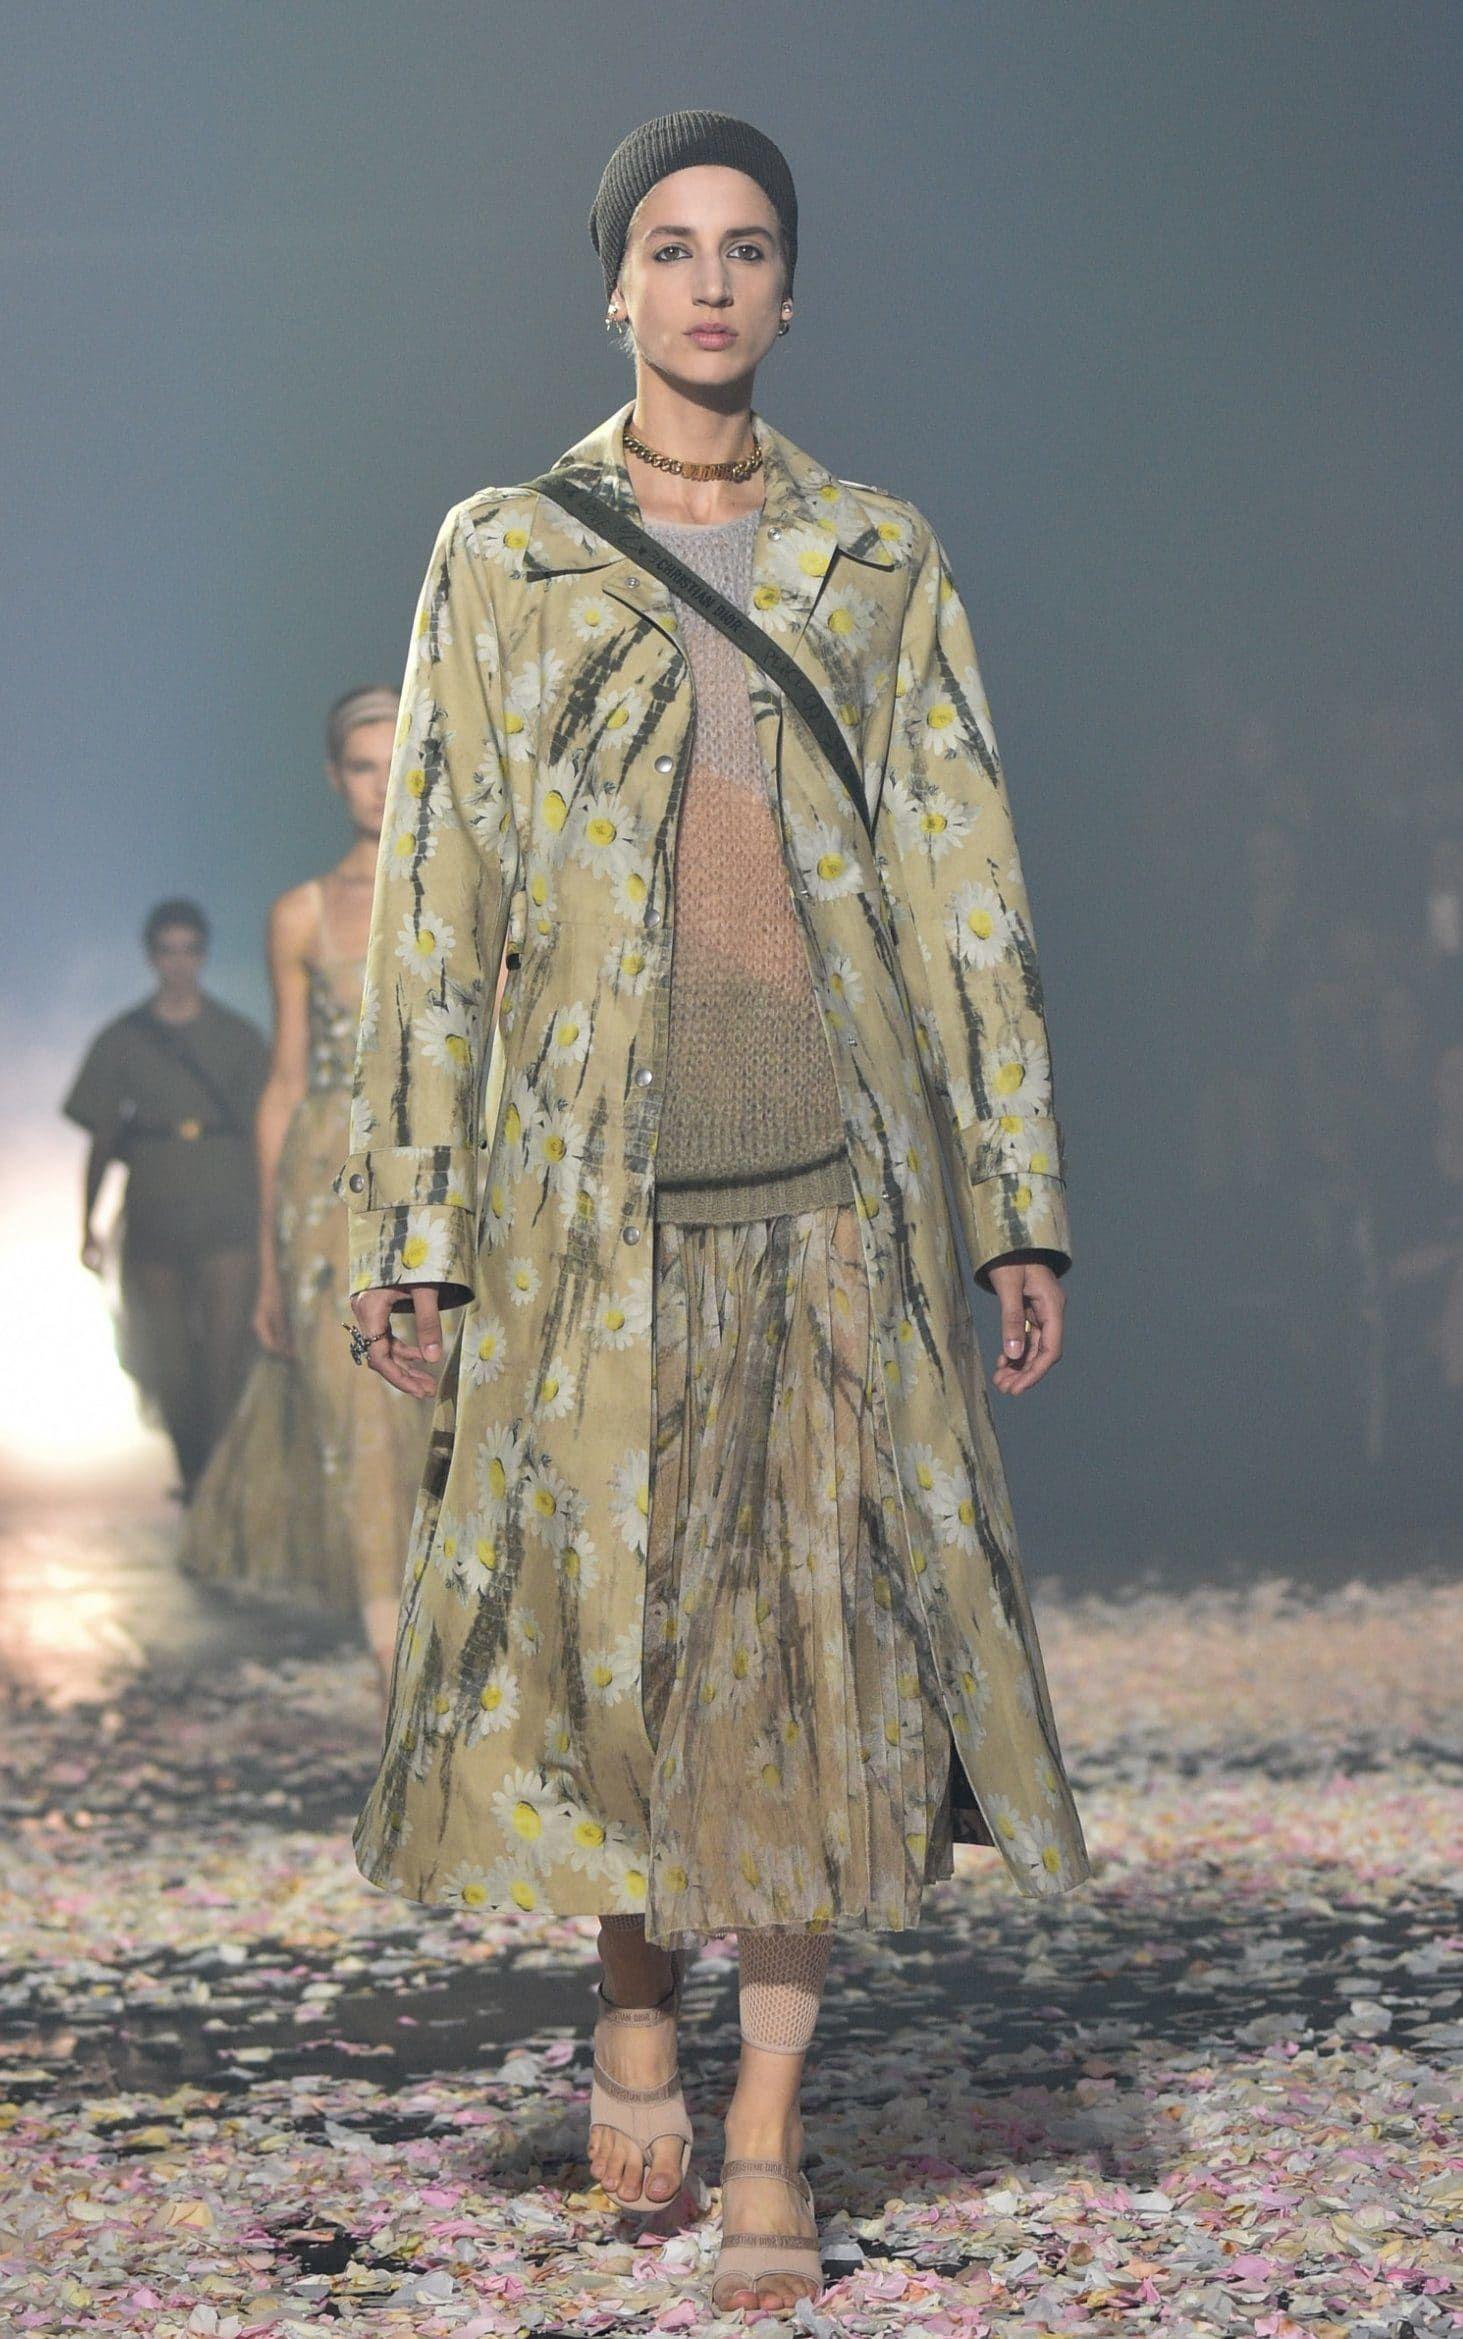 cb7a3cf0090 Paris Fashion Week  the catwalk highlights